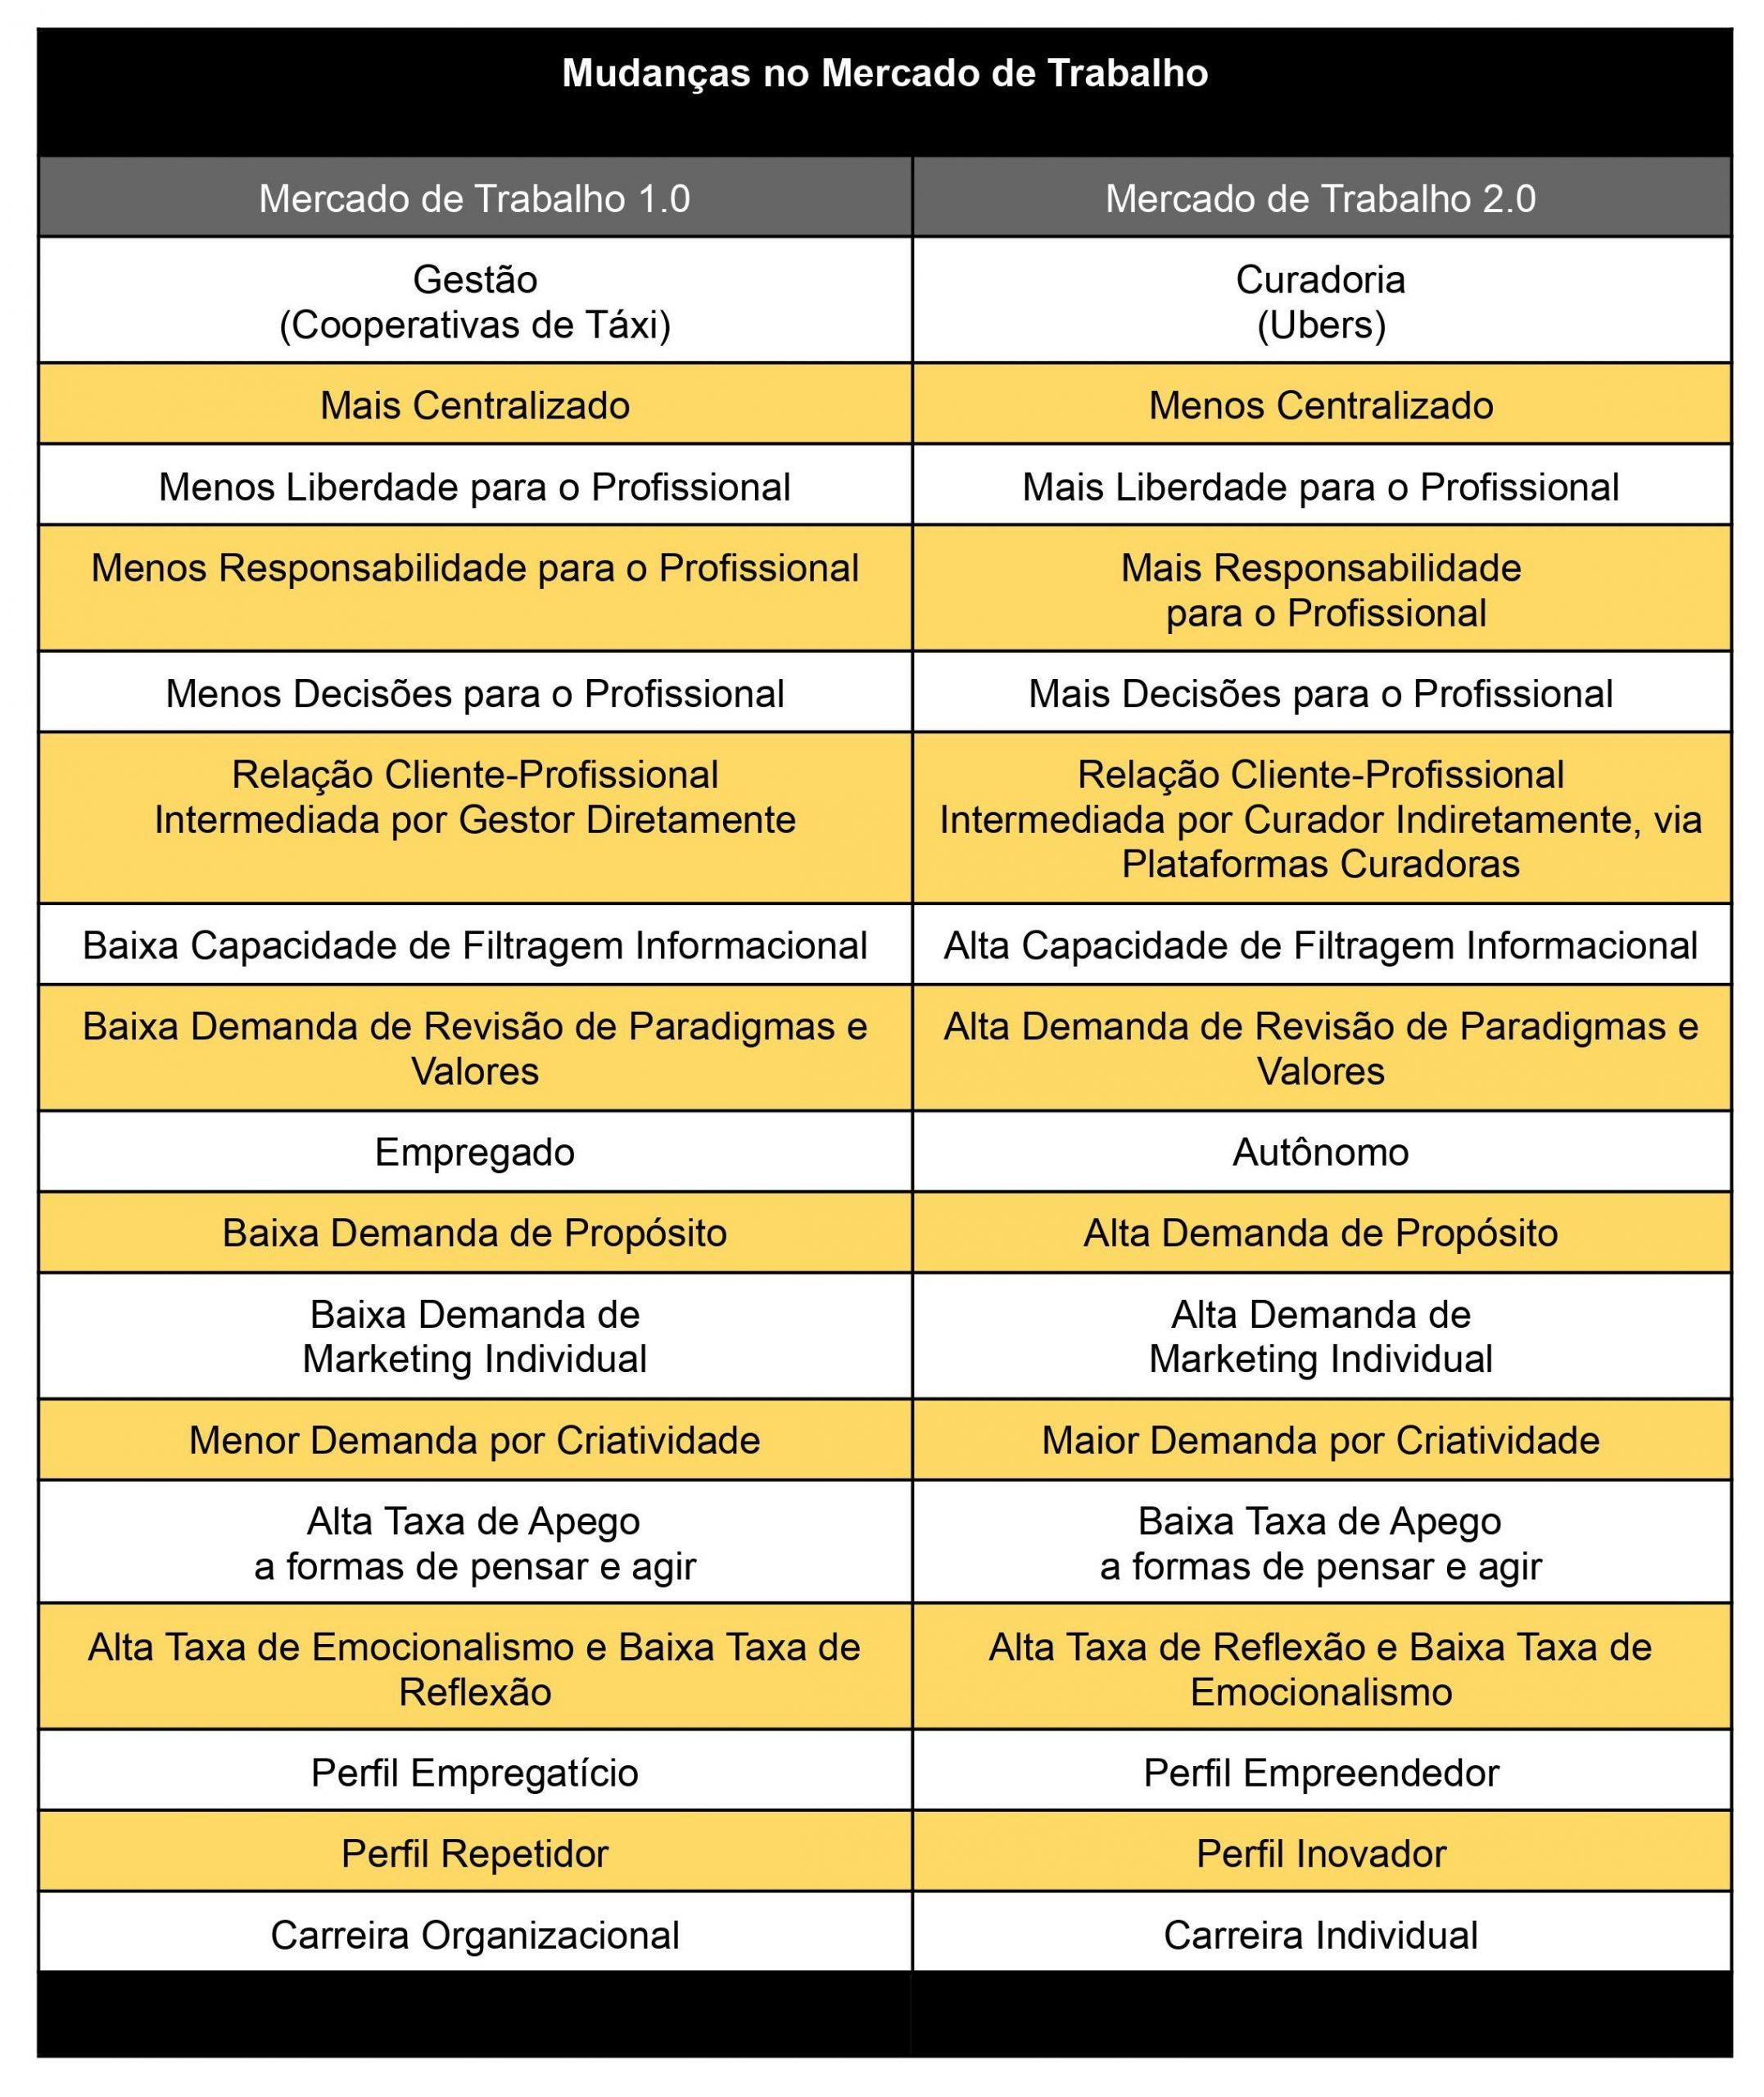 Tabela das mudanças no Mercado de Trabalho-imagens.zip